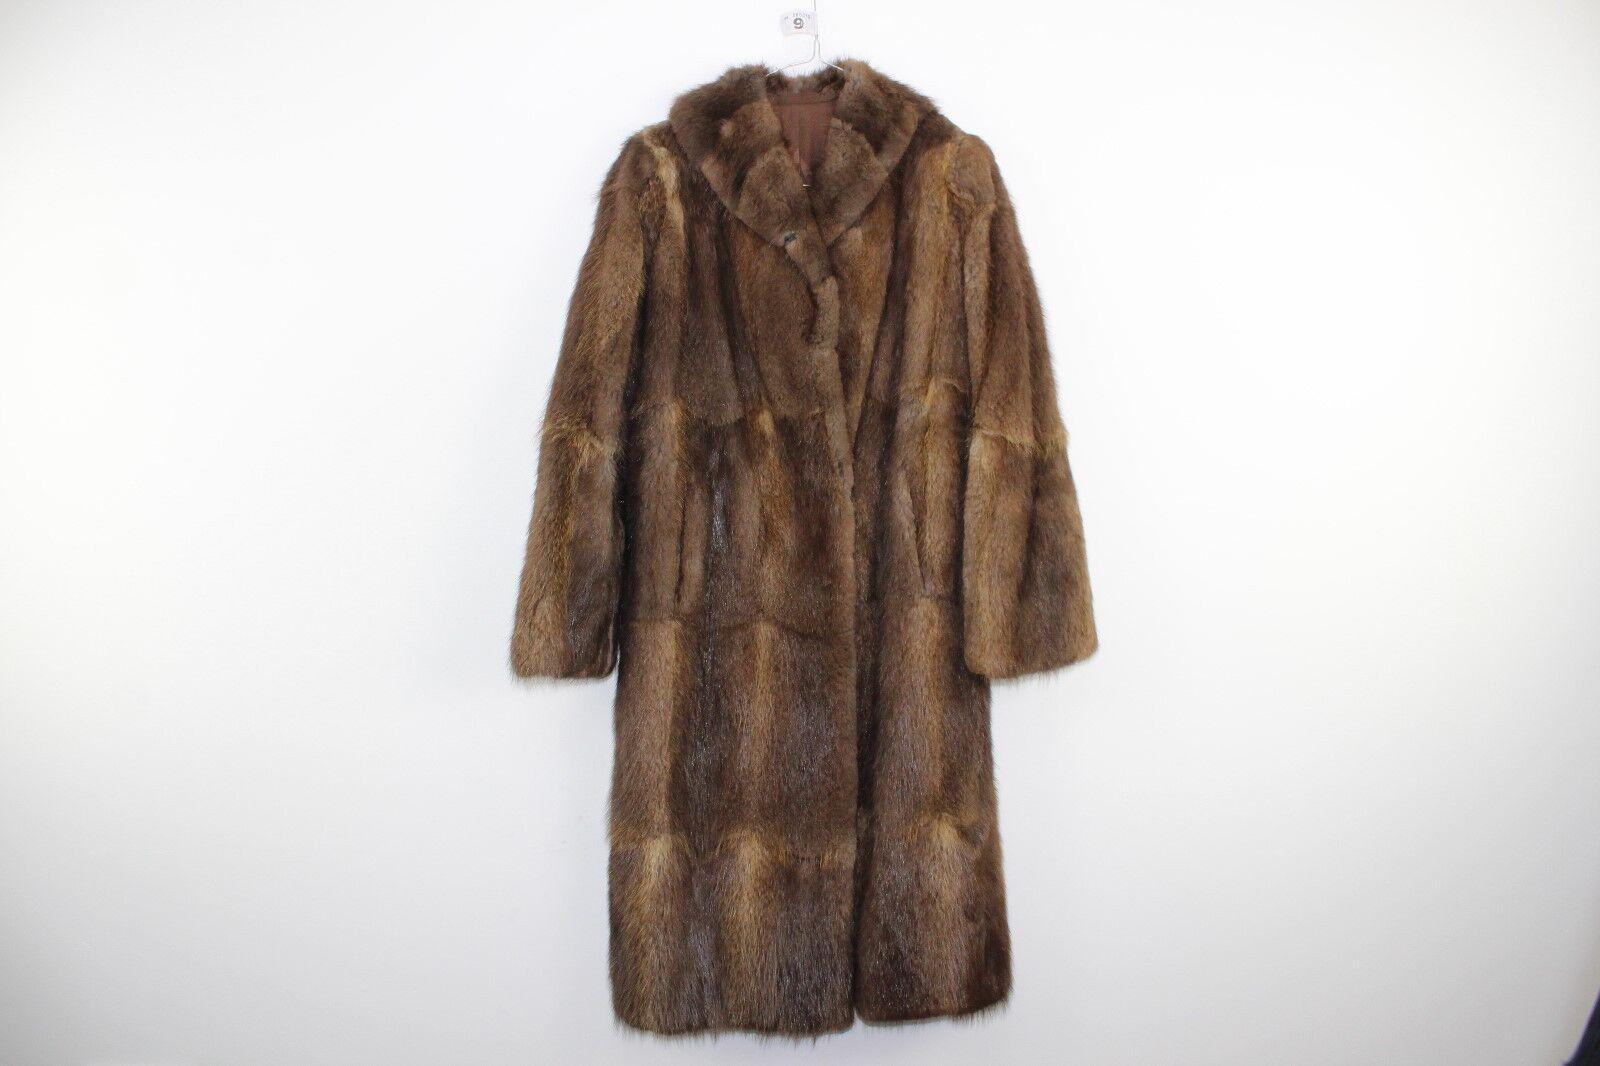 ... Da Donna Pelliccia taglia Marronee giacca taglia Pelliccia vedi  descrizione No.W9 12 4 f52a66 d8aab08a6e7